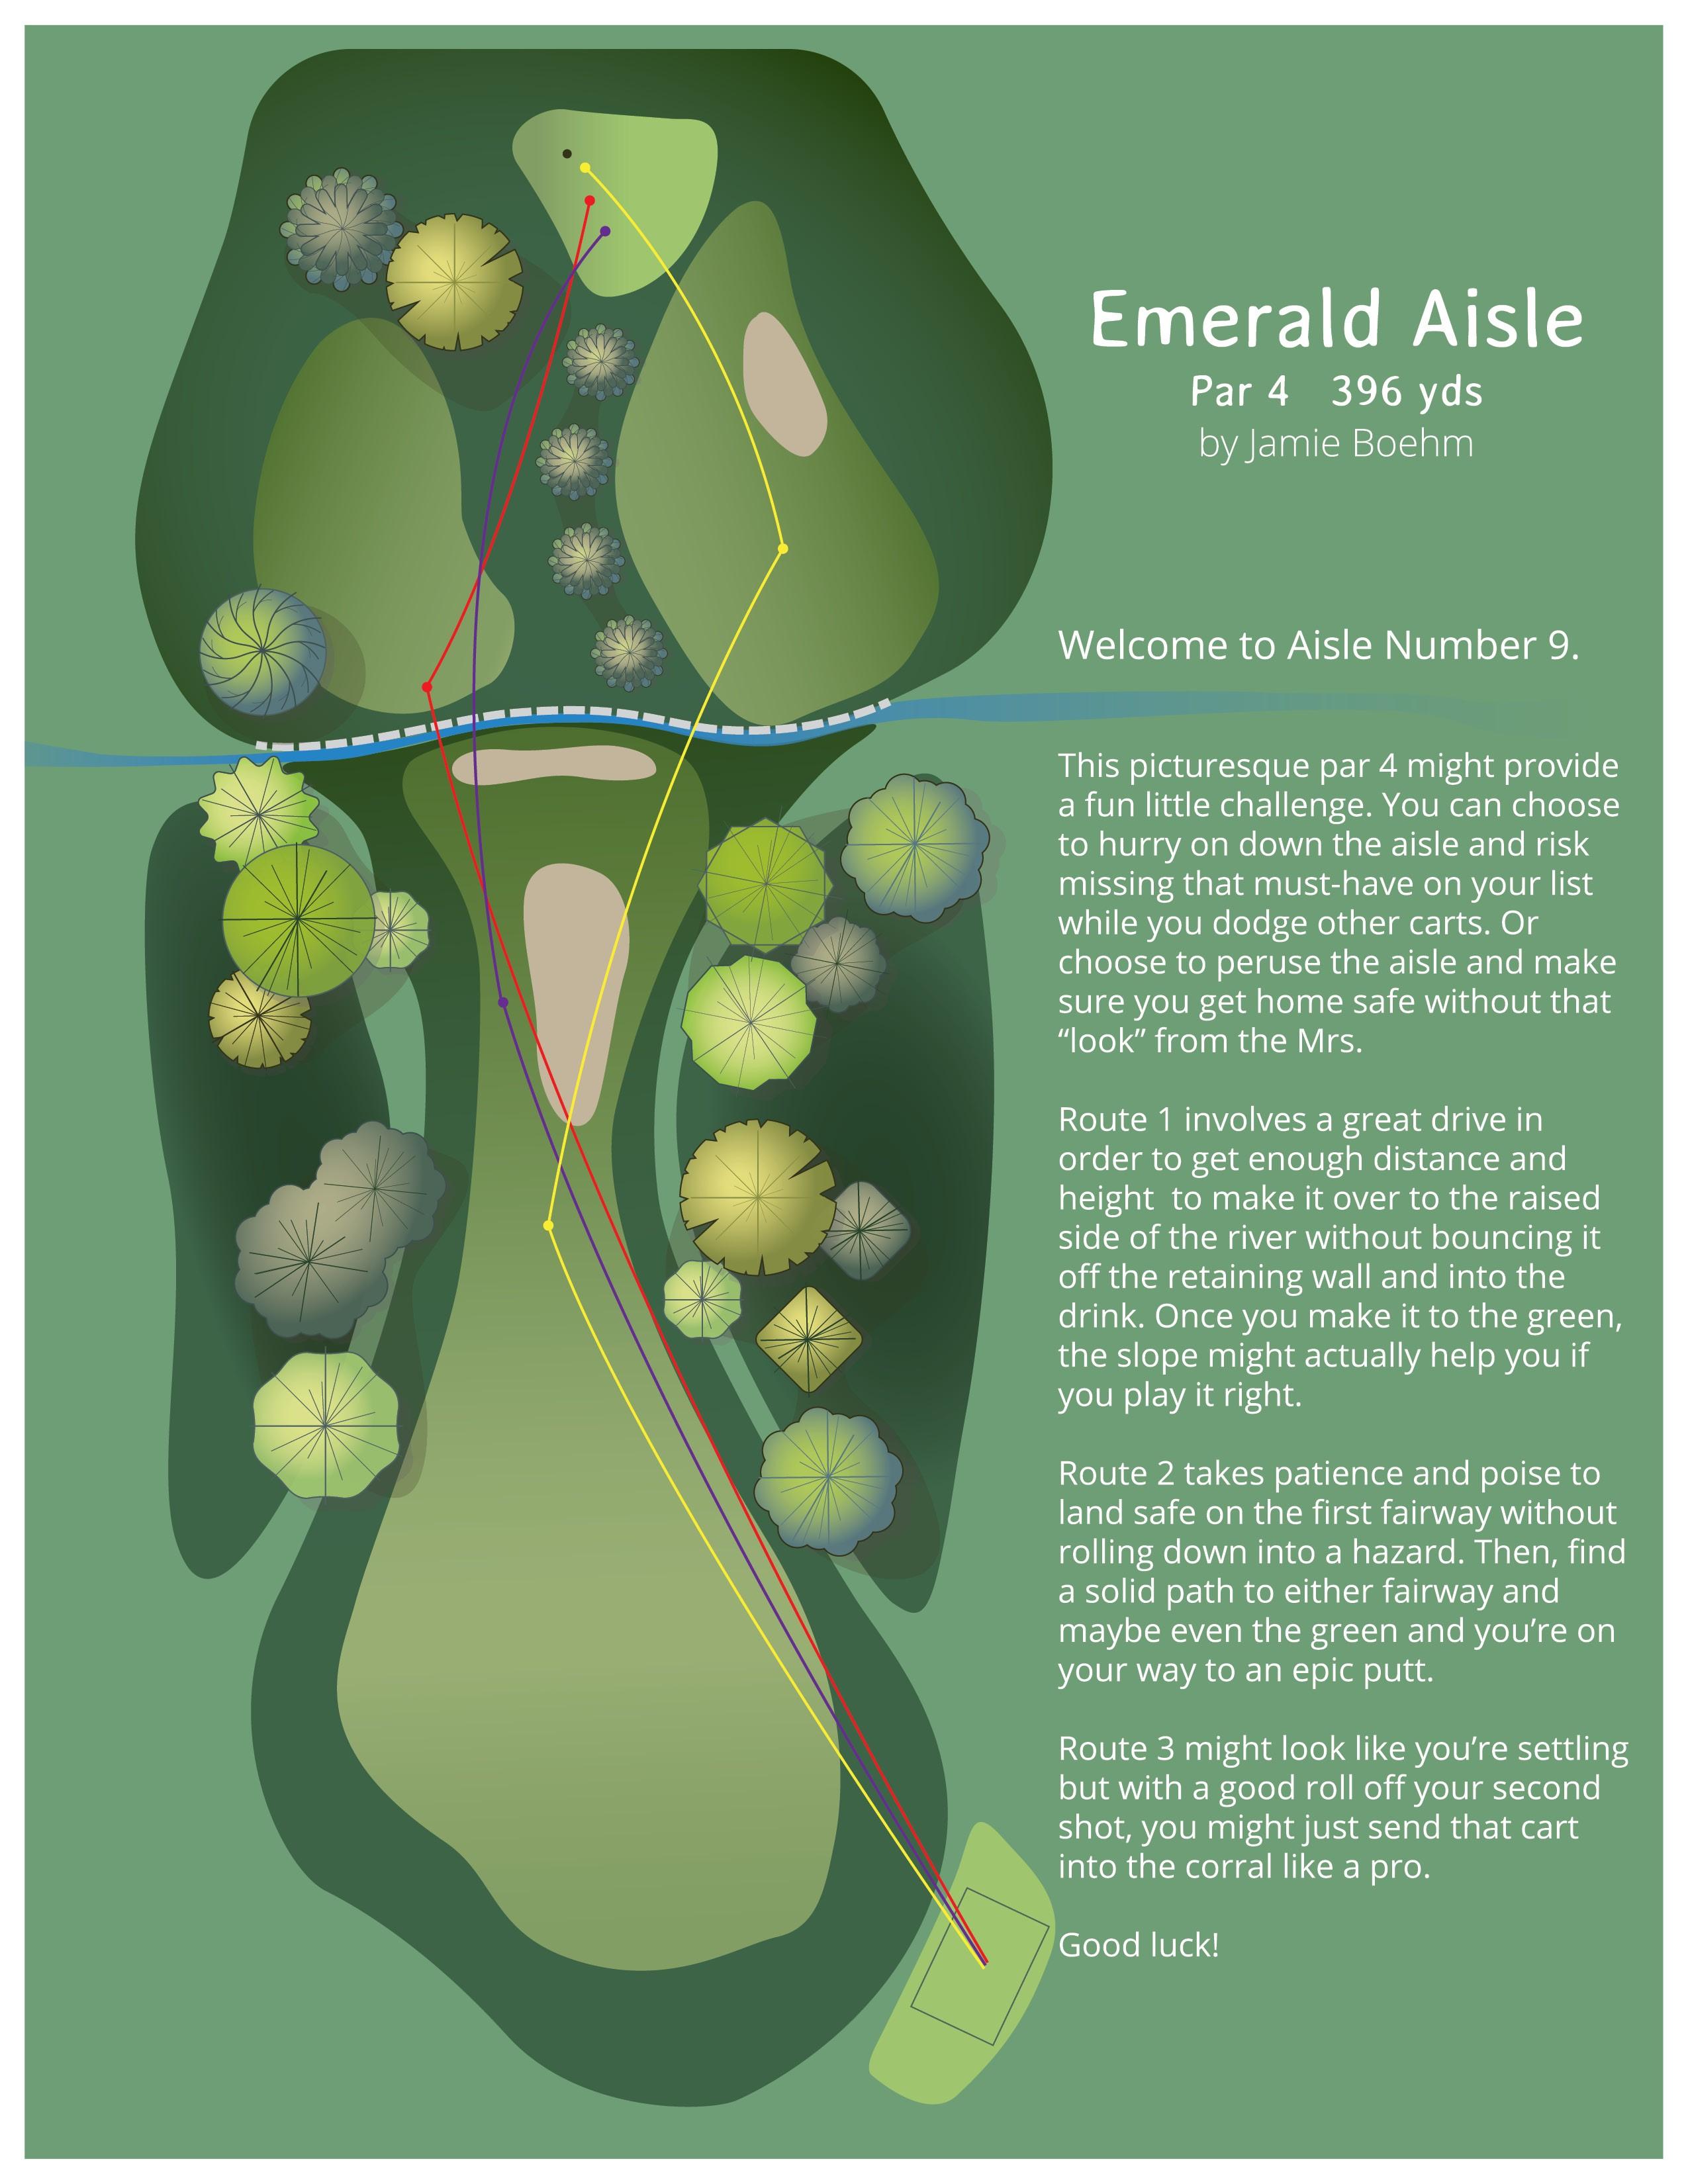 DAH 2019: Emerald Aisle